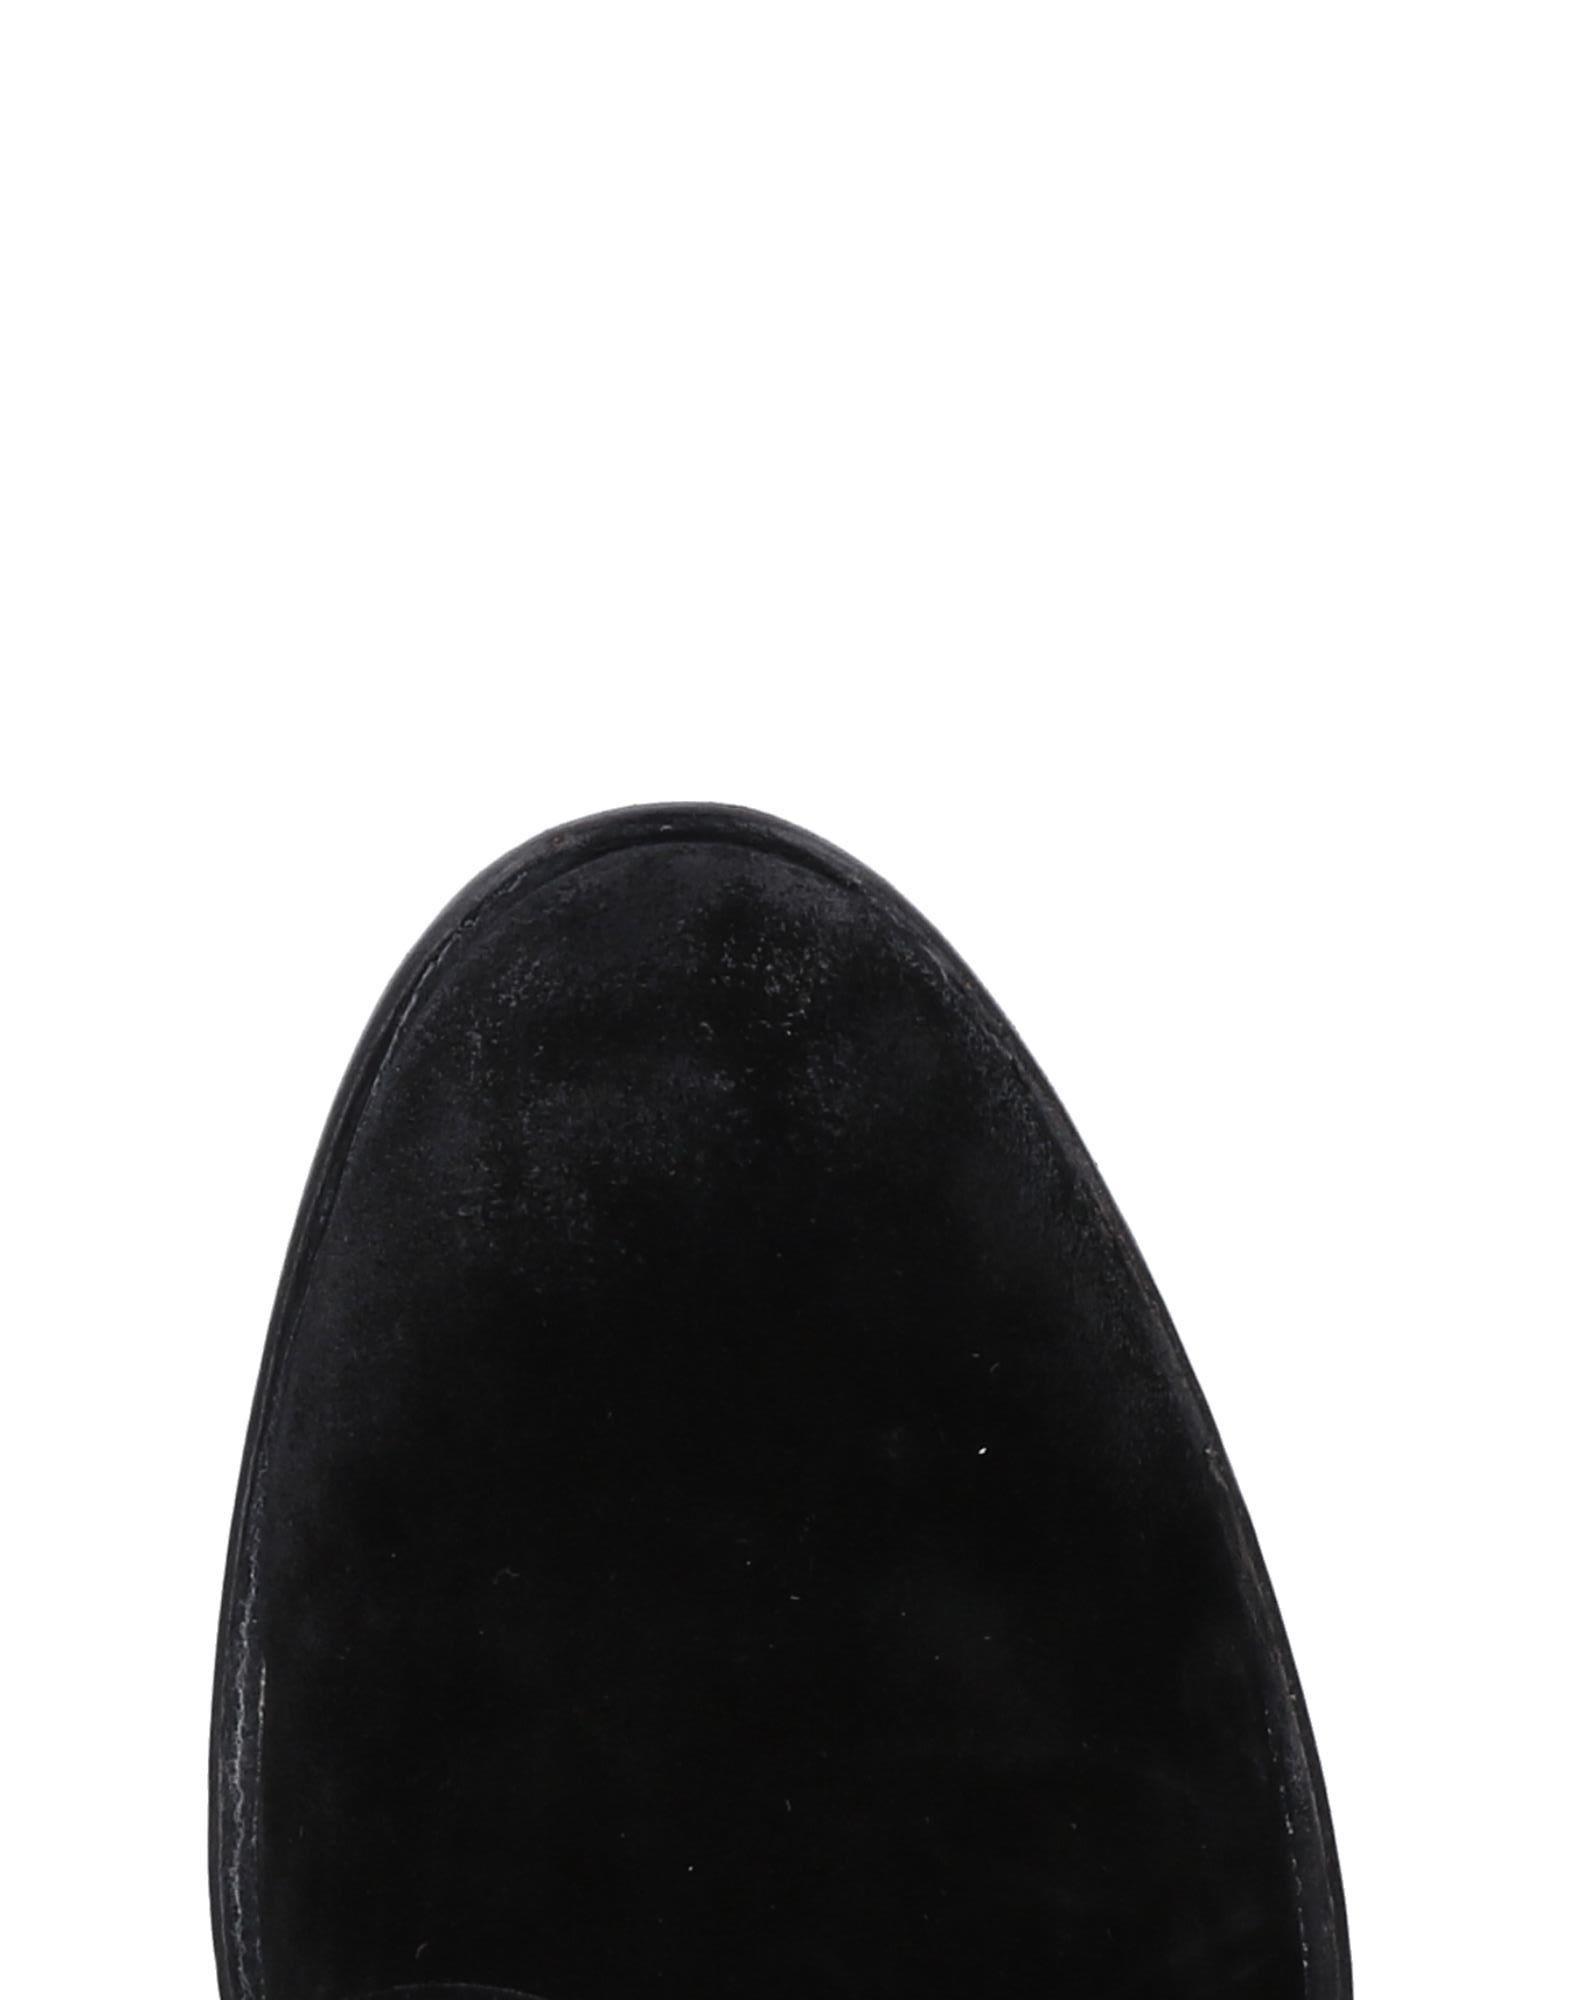 Moma Schnürschuhe Herren Qualität  11512616ES Gute Qualität Herren beliebte Schuhe 1ae3a1